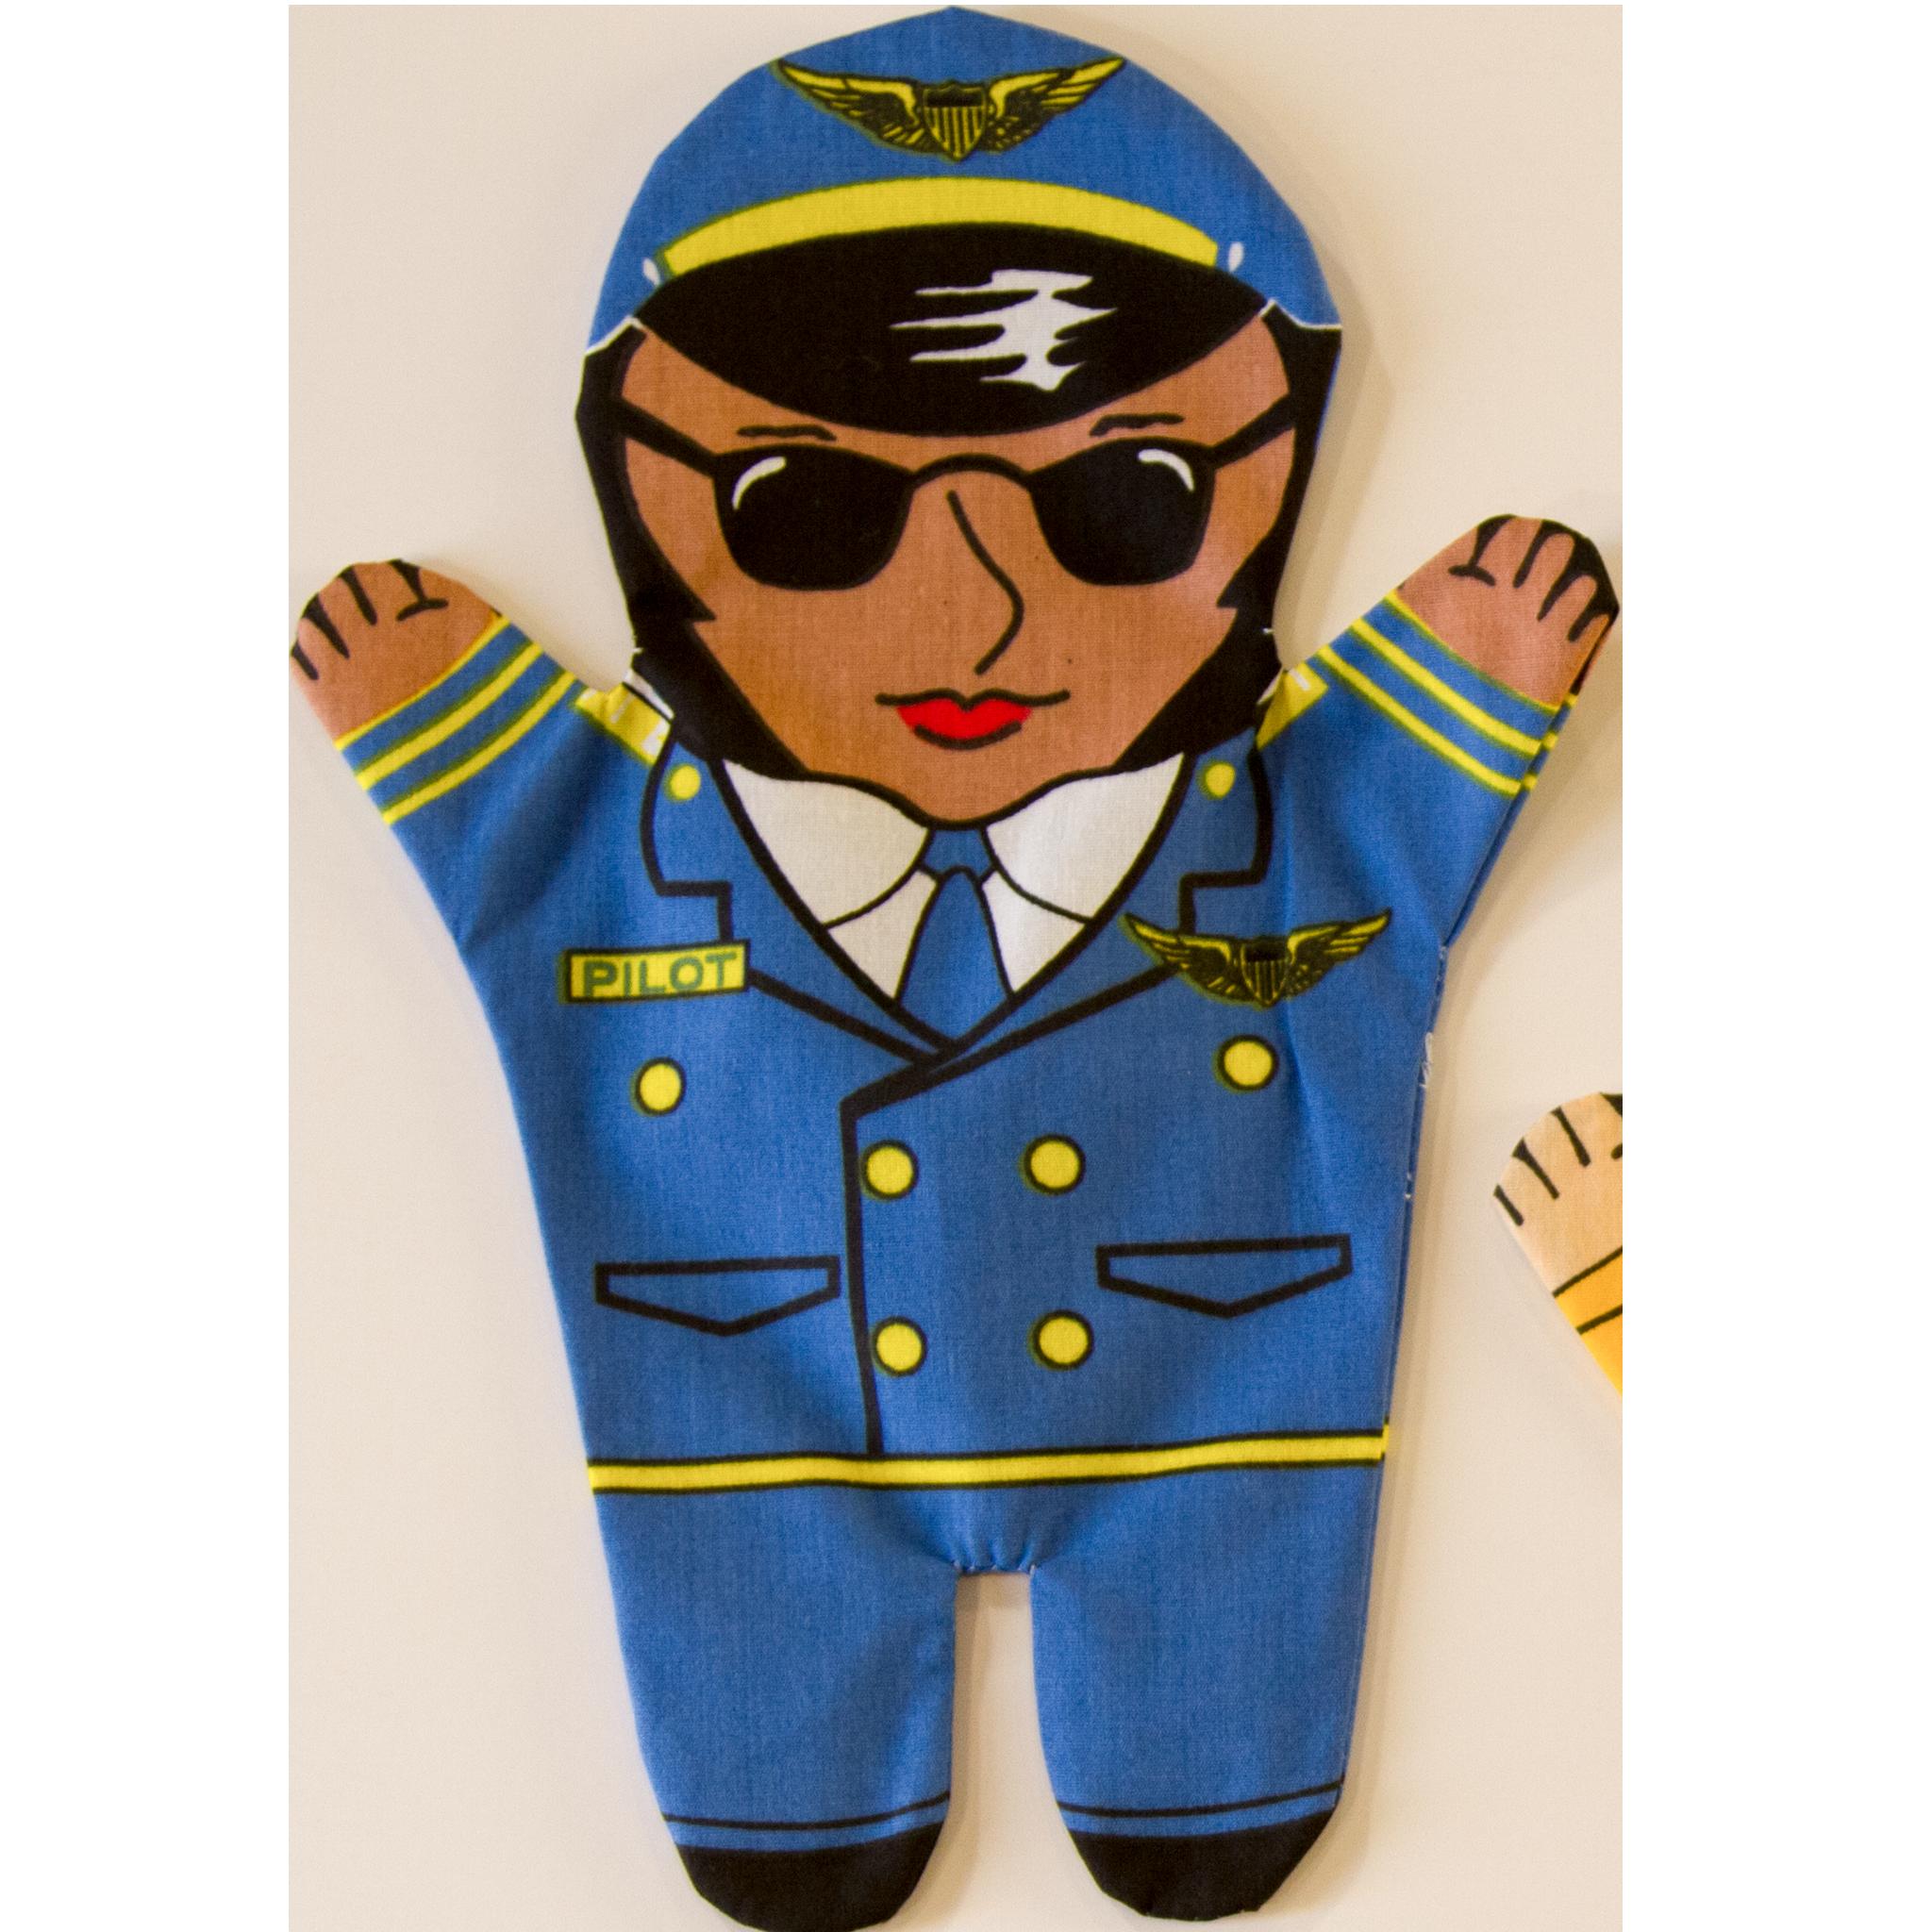 Pilot clipart pilot uniform. Occupation groups new set